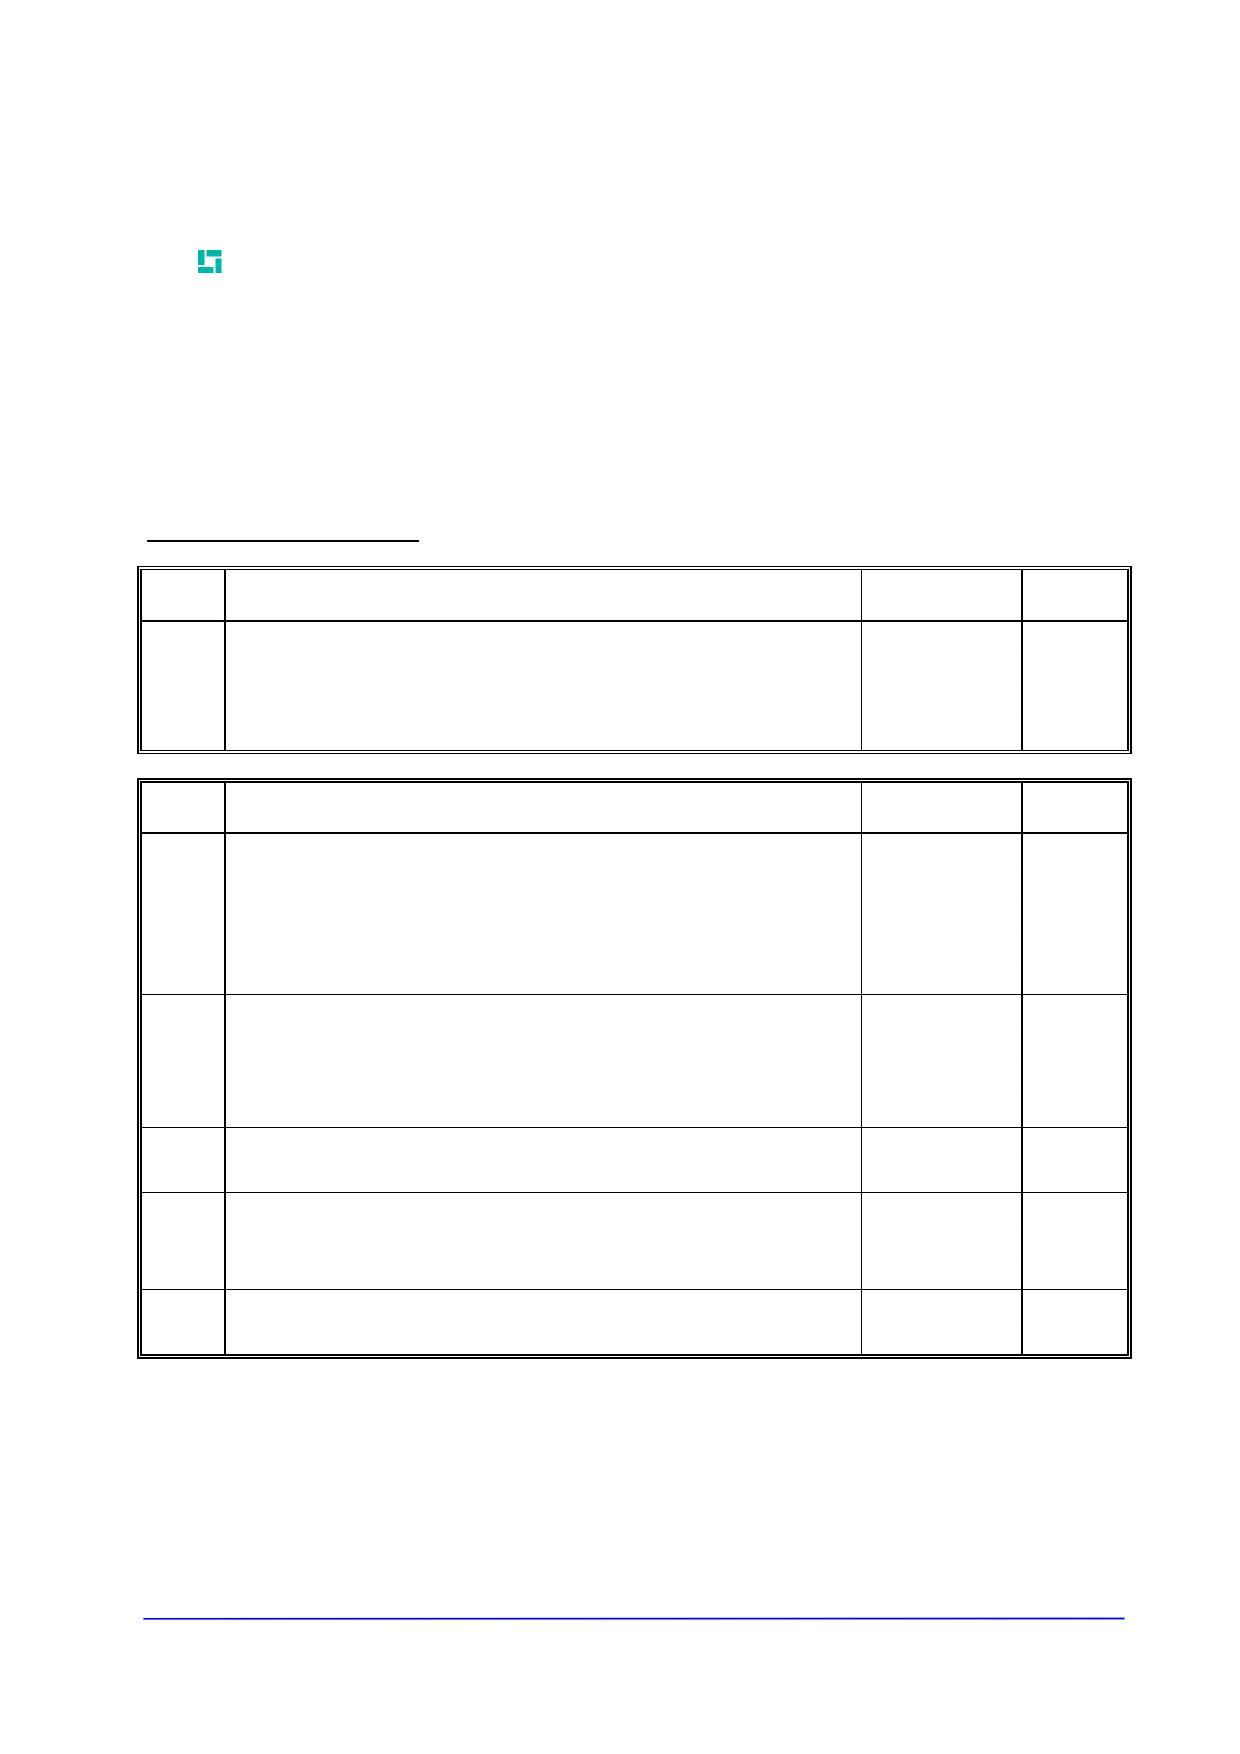 R0472YS16F datasheet